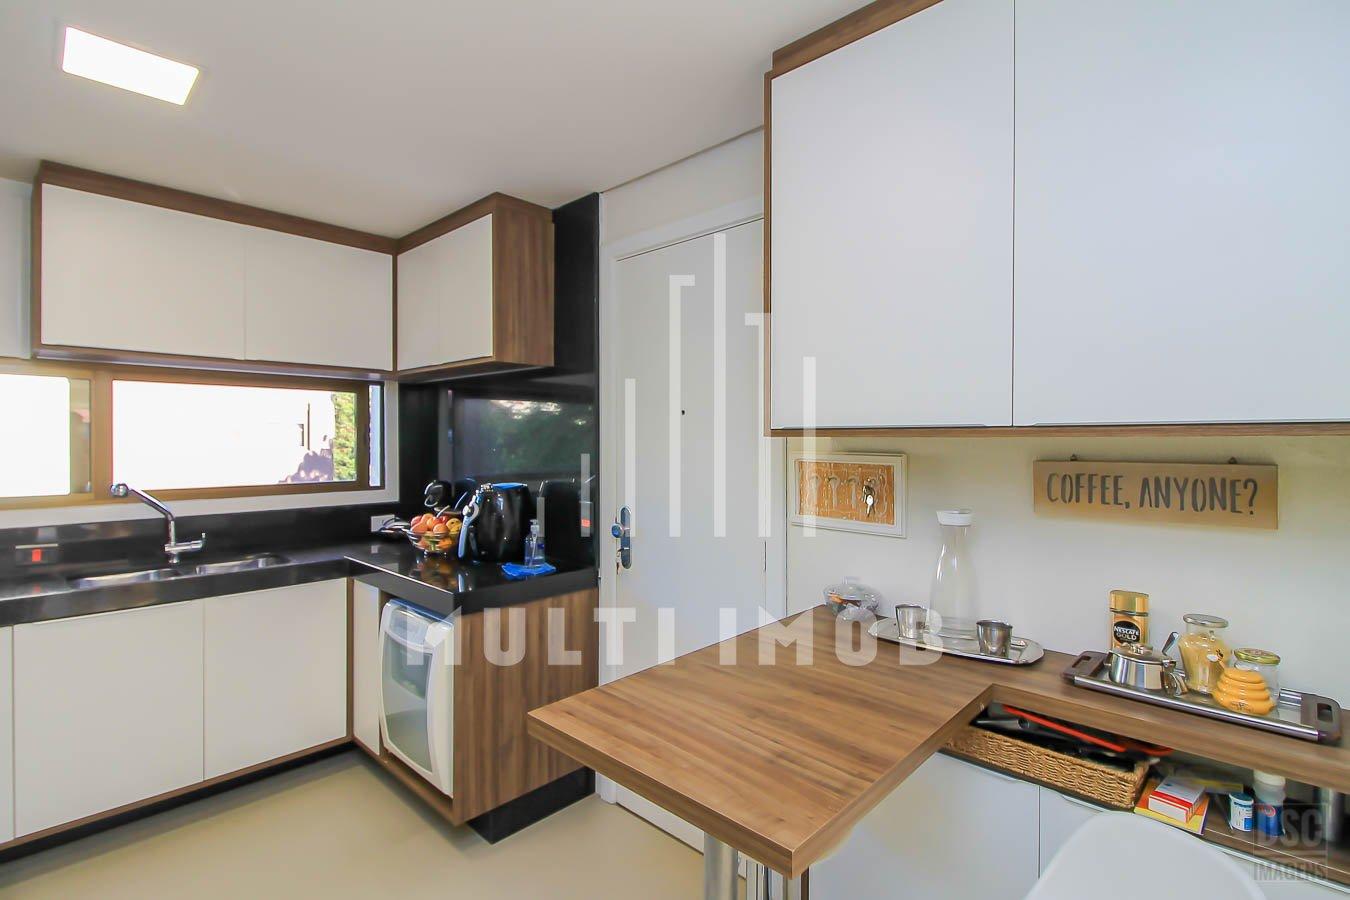 Apartamento com 142m² e 3 dormitórios no bairro Mont Serrat em Porto Alegre para Comprar